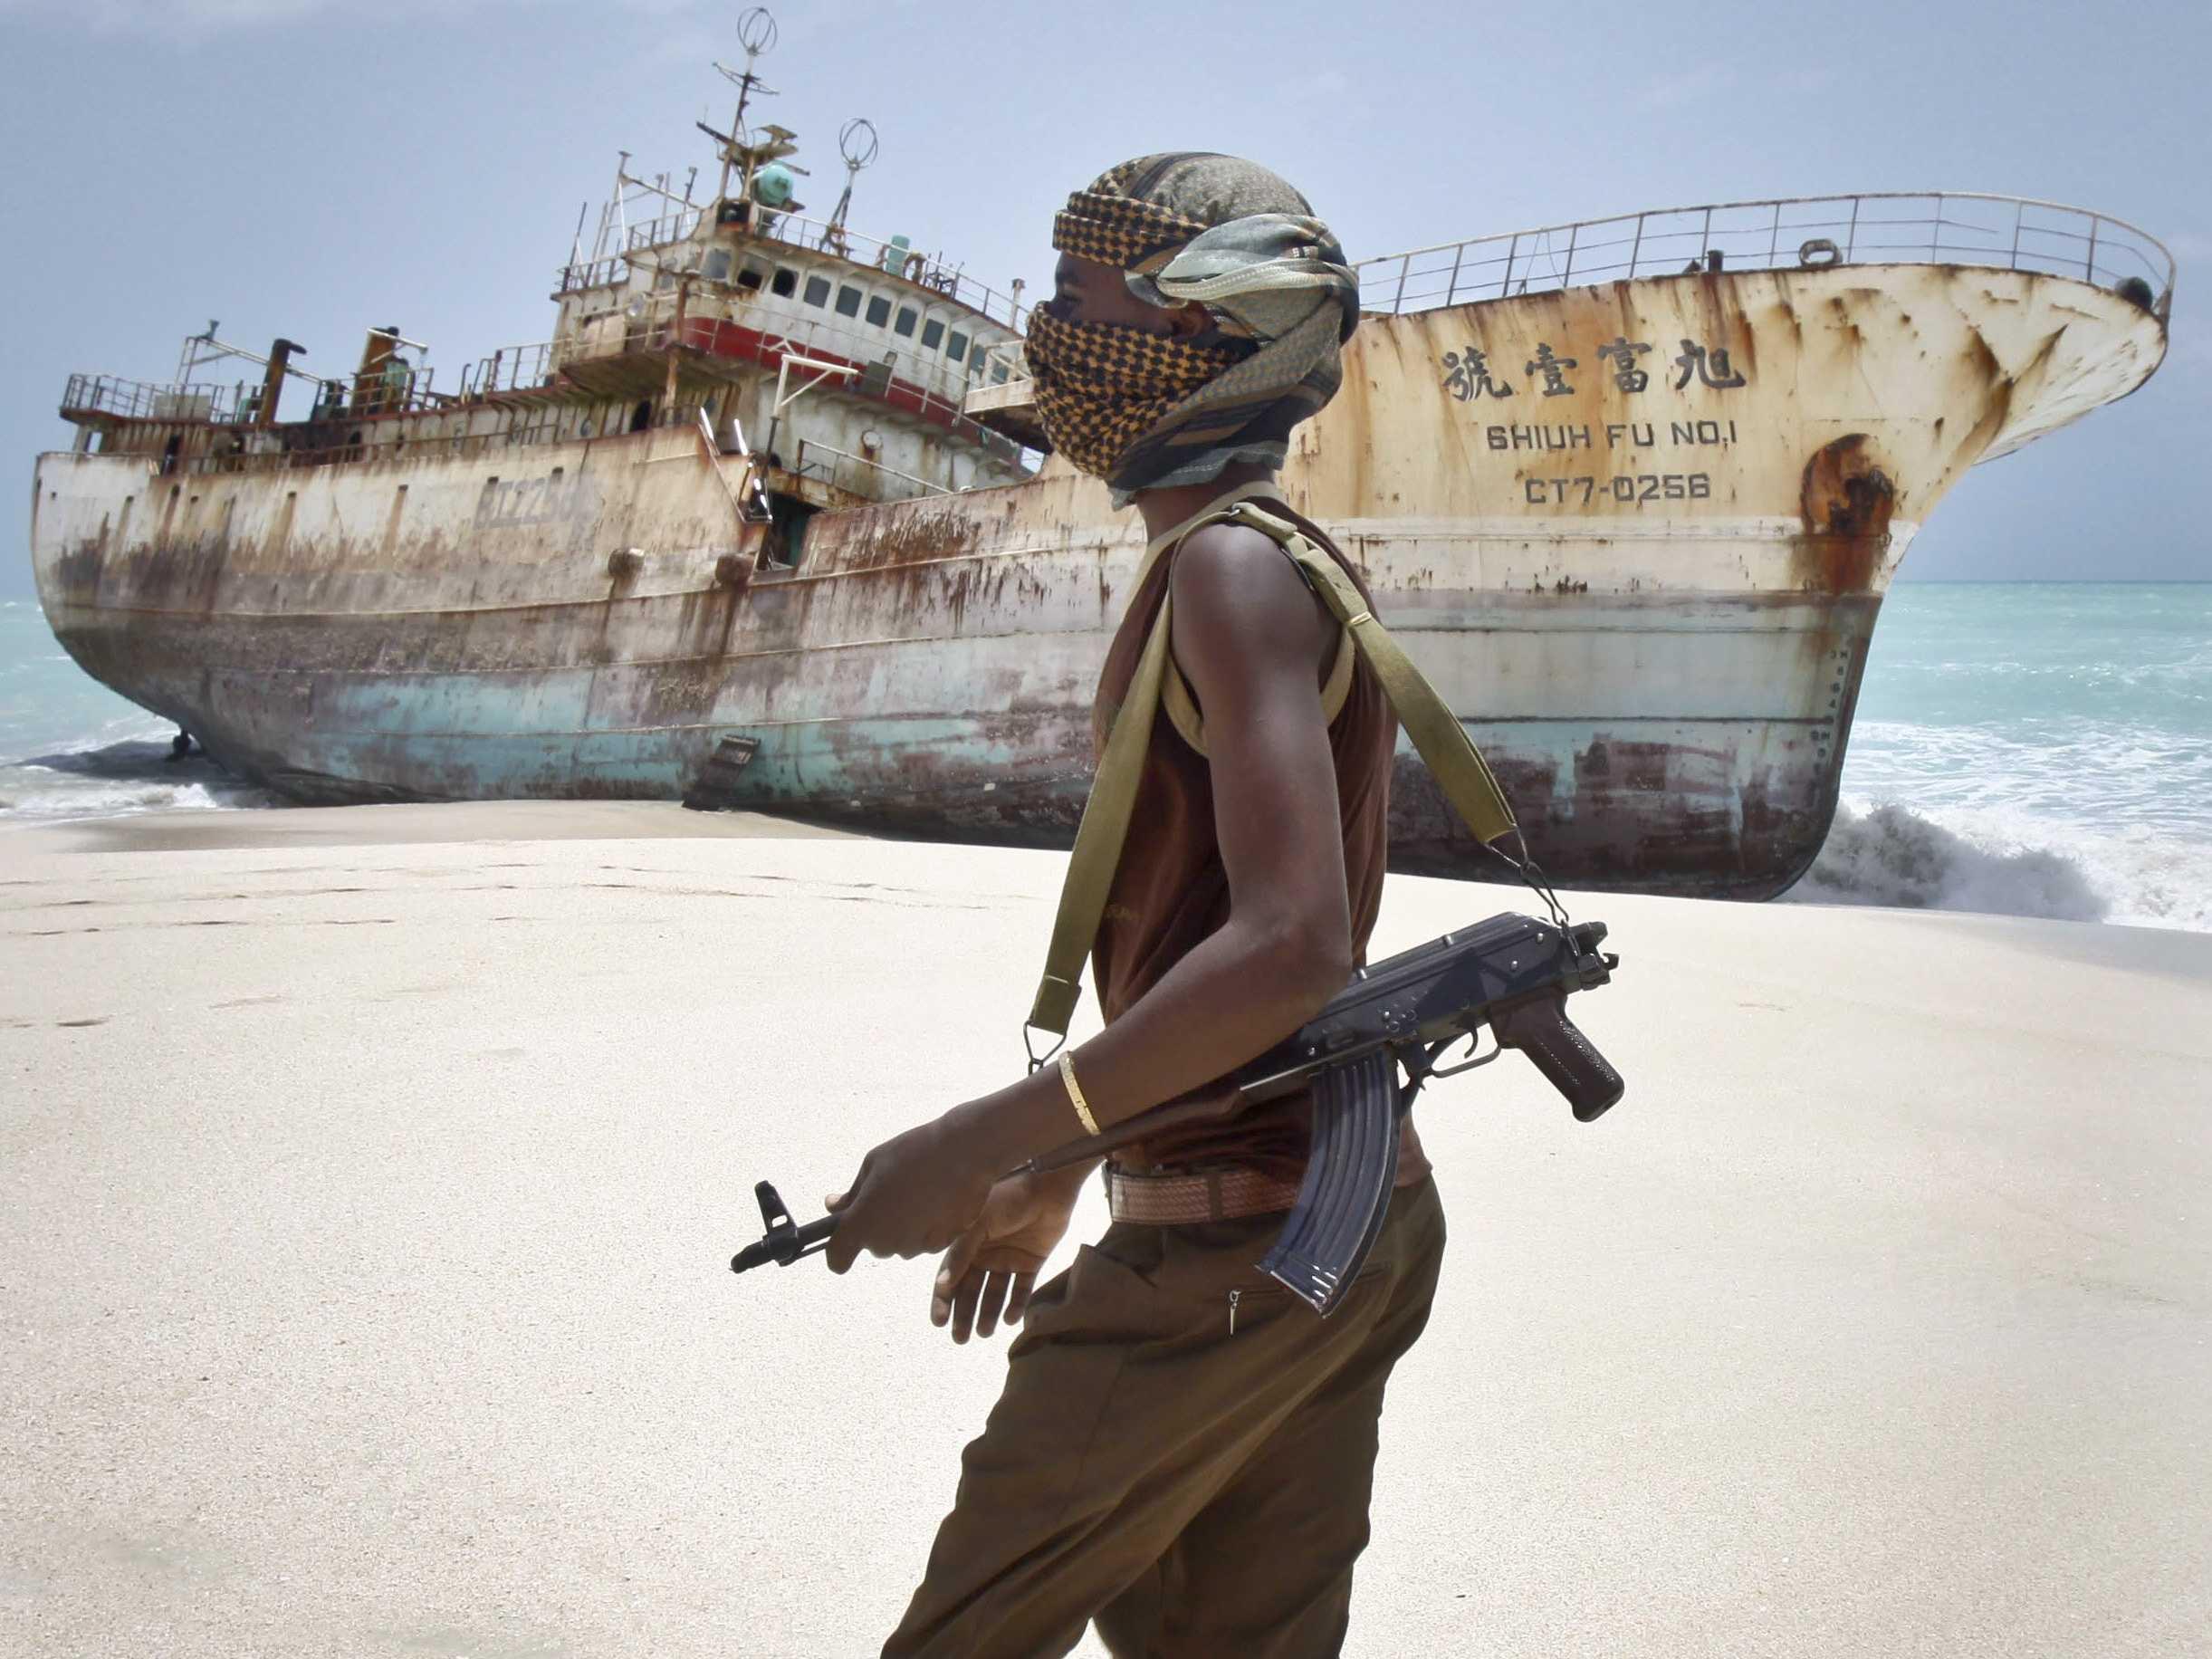 در عصر جدید نیز شکلی جدید از دزدی دریایی و نسلی به همان اندازه خشن از دزدان دریایی شکل گرفته اند که بر پهنه ای از اقیانوس حکمرانی می کنند و پایتخت آن ها کشوری است آفریقایی: سومالی